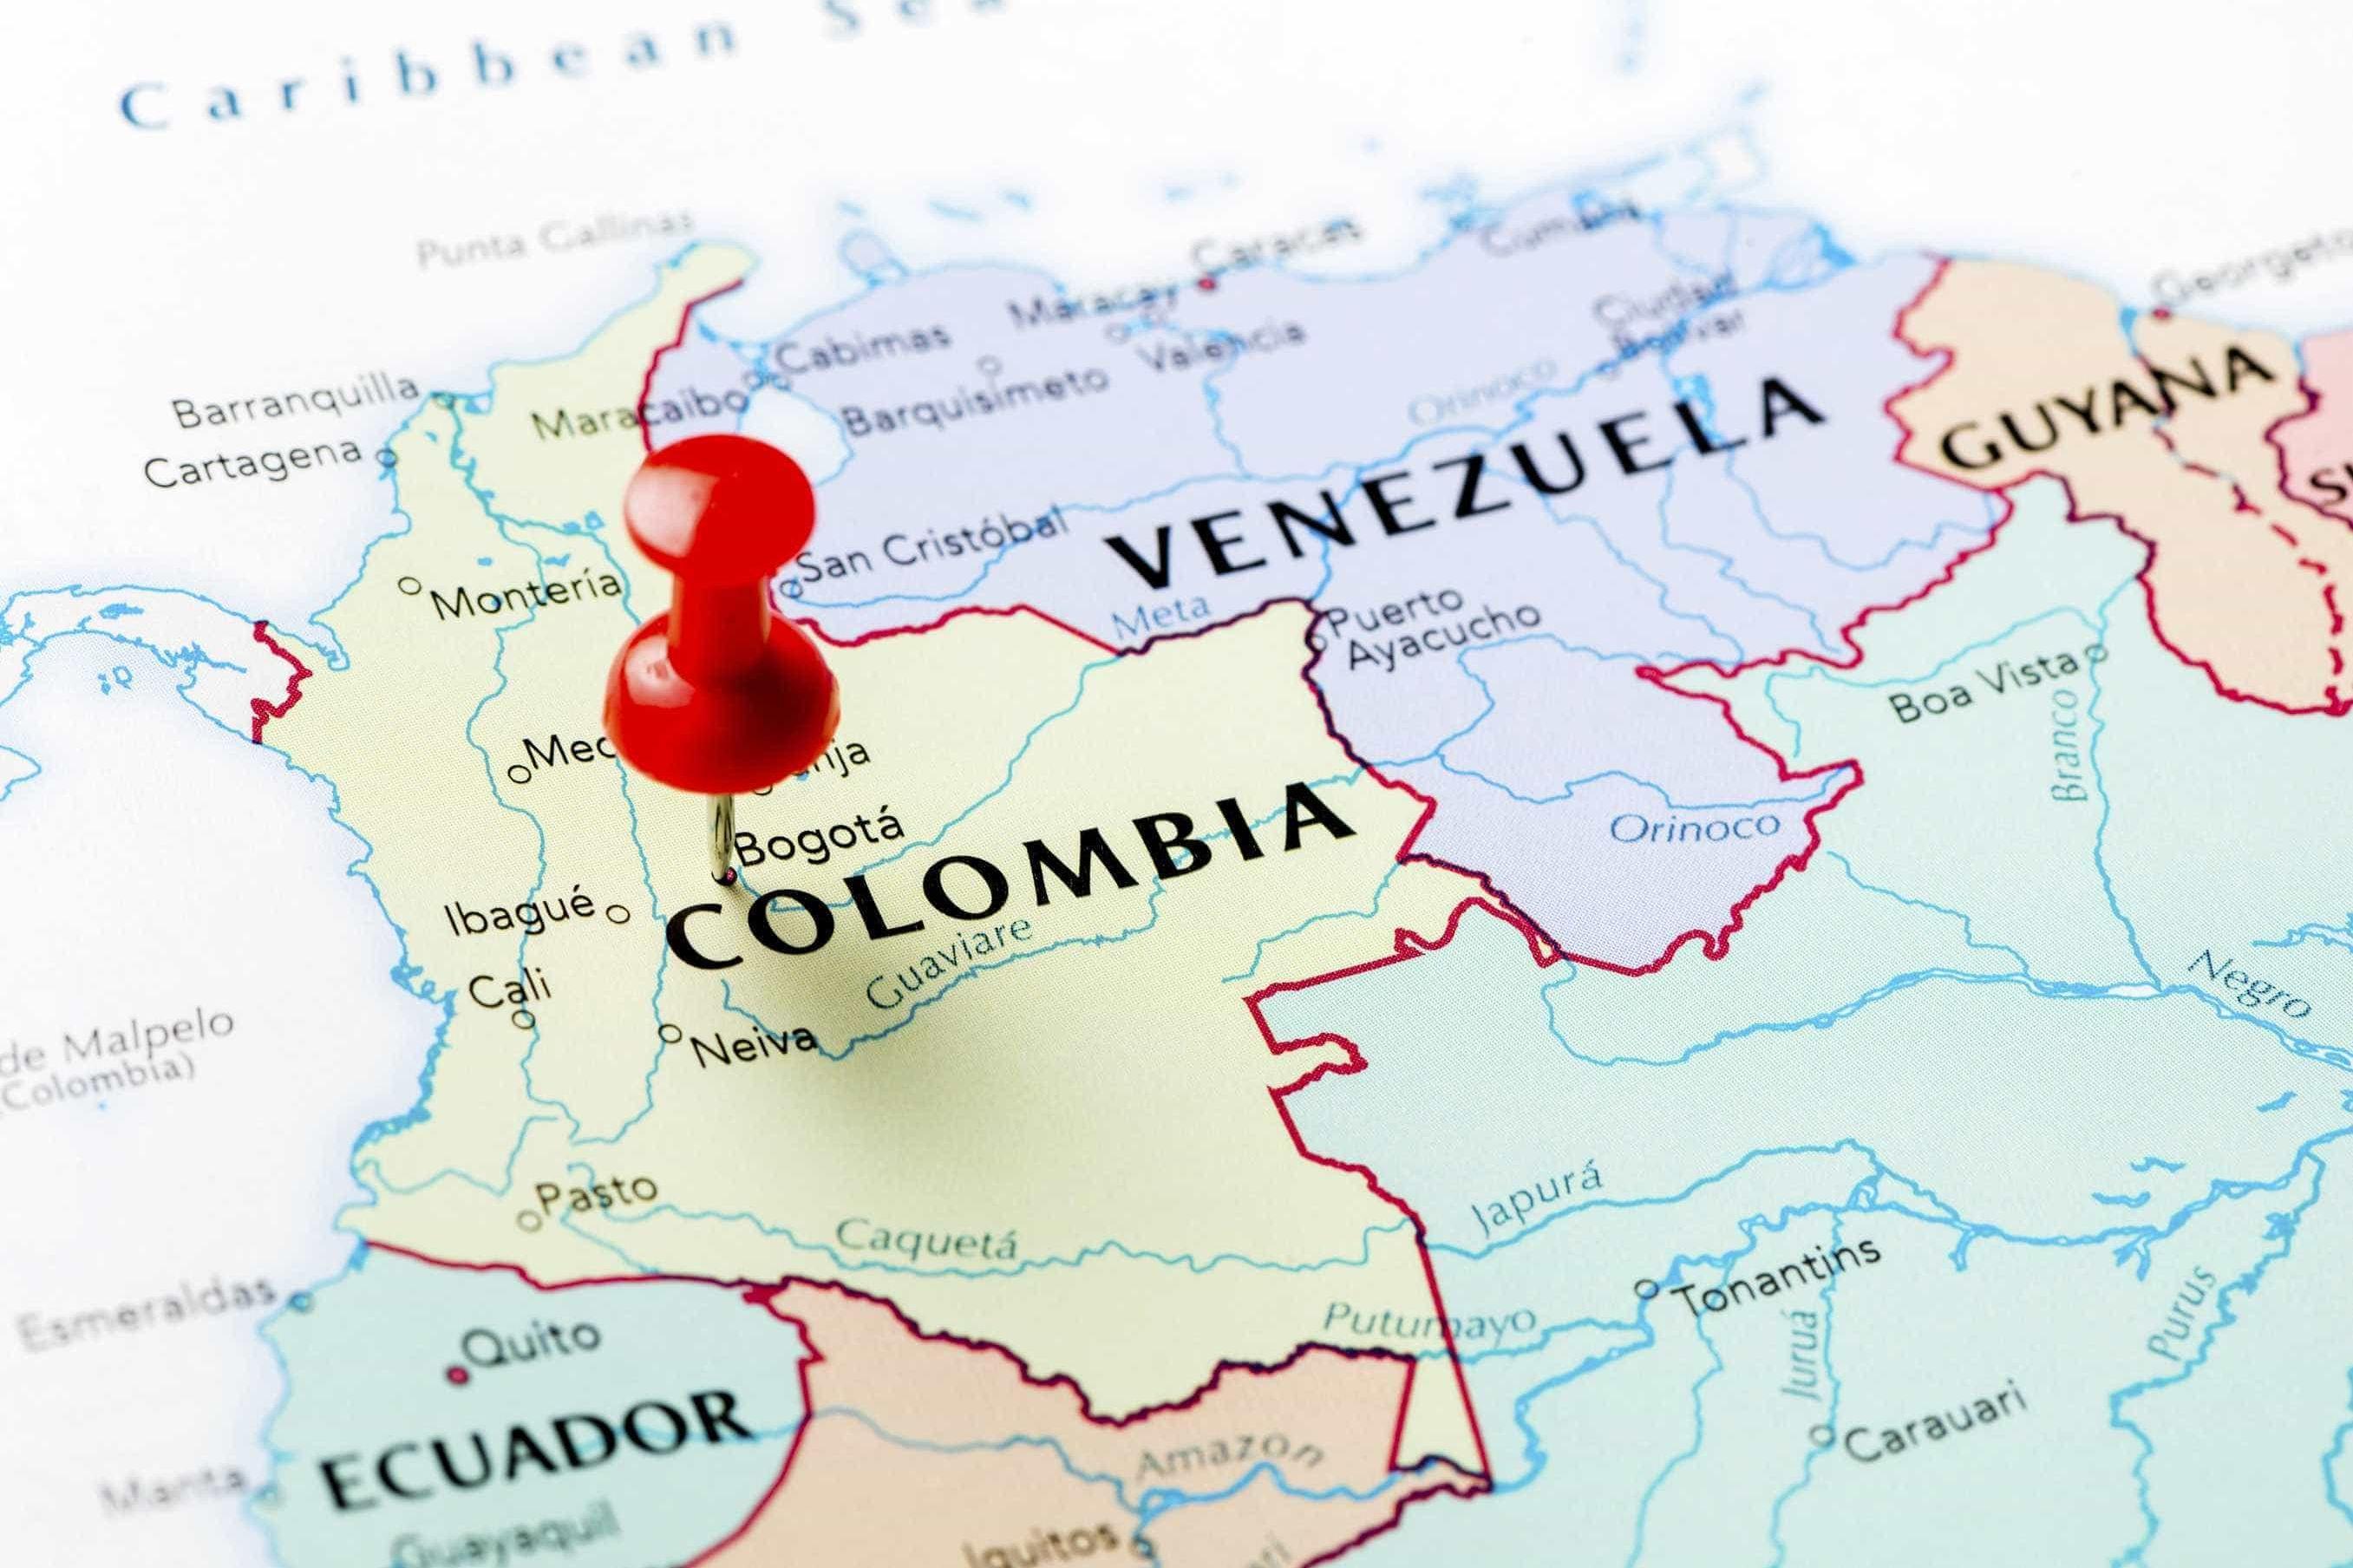 Colômbia expulsará venezuelana por alegado risco para segurança nacional